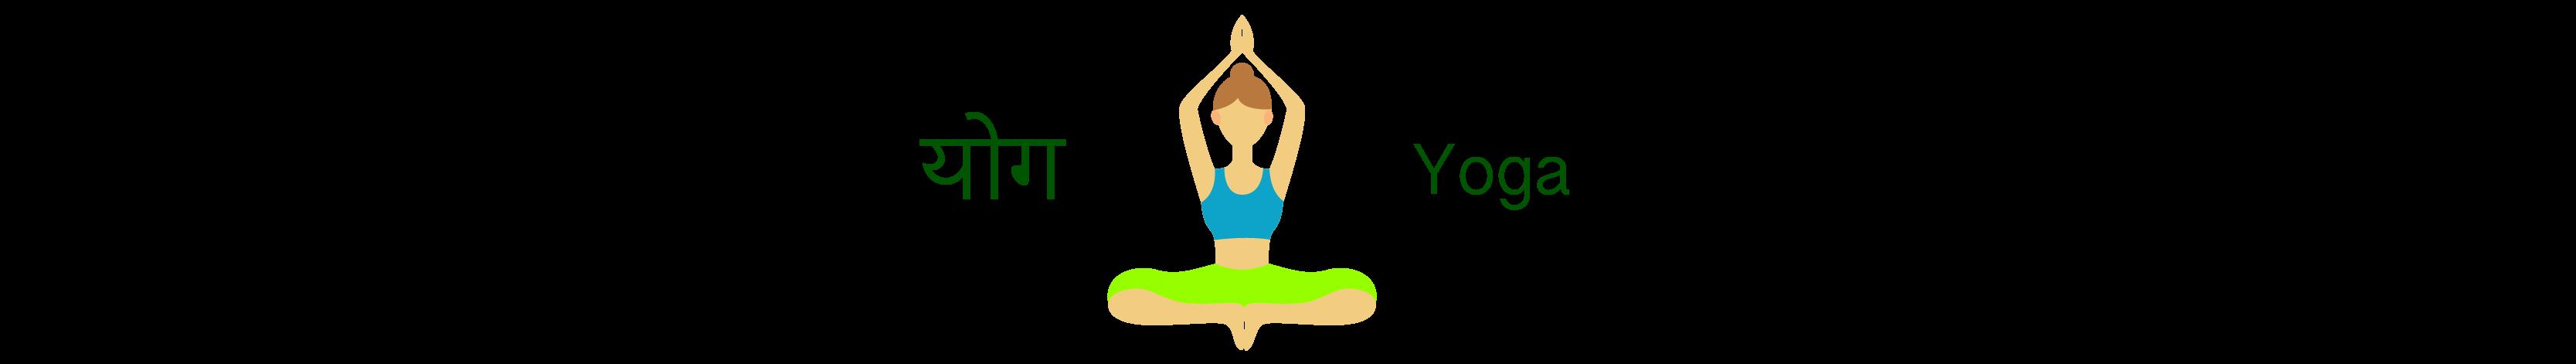 瑜伽分割图-03.png